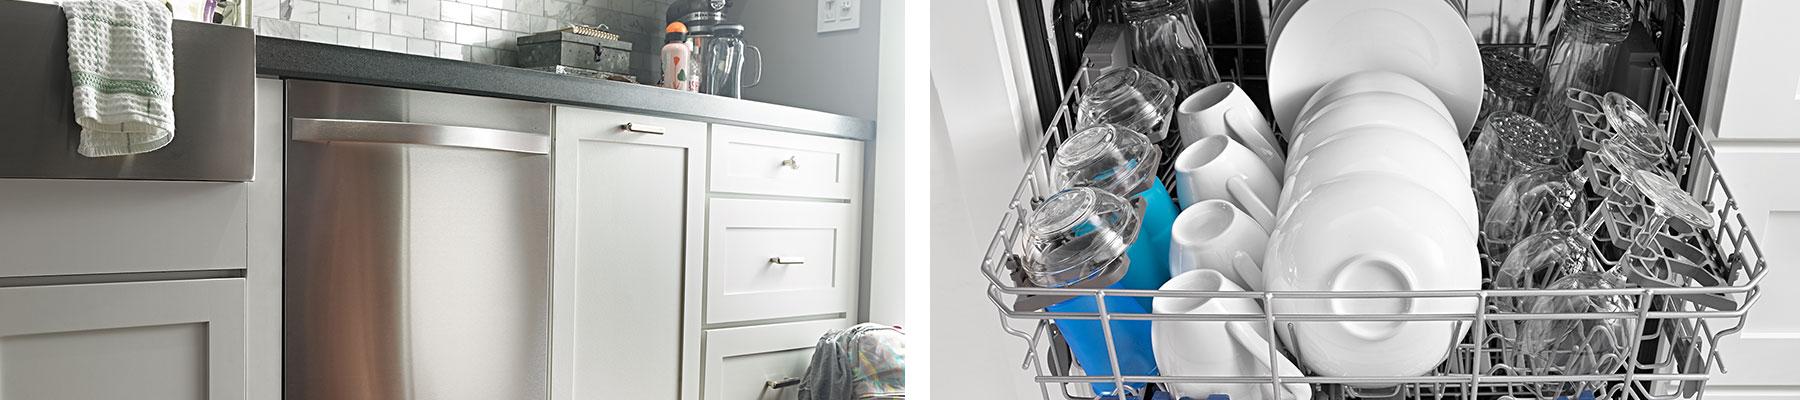 Wessinger\'s Appliance - Services - Shop Home Appliances, Kitchen ...